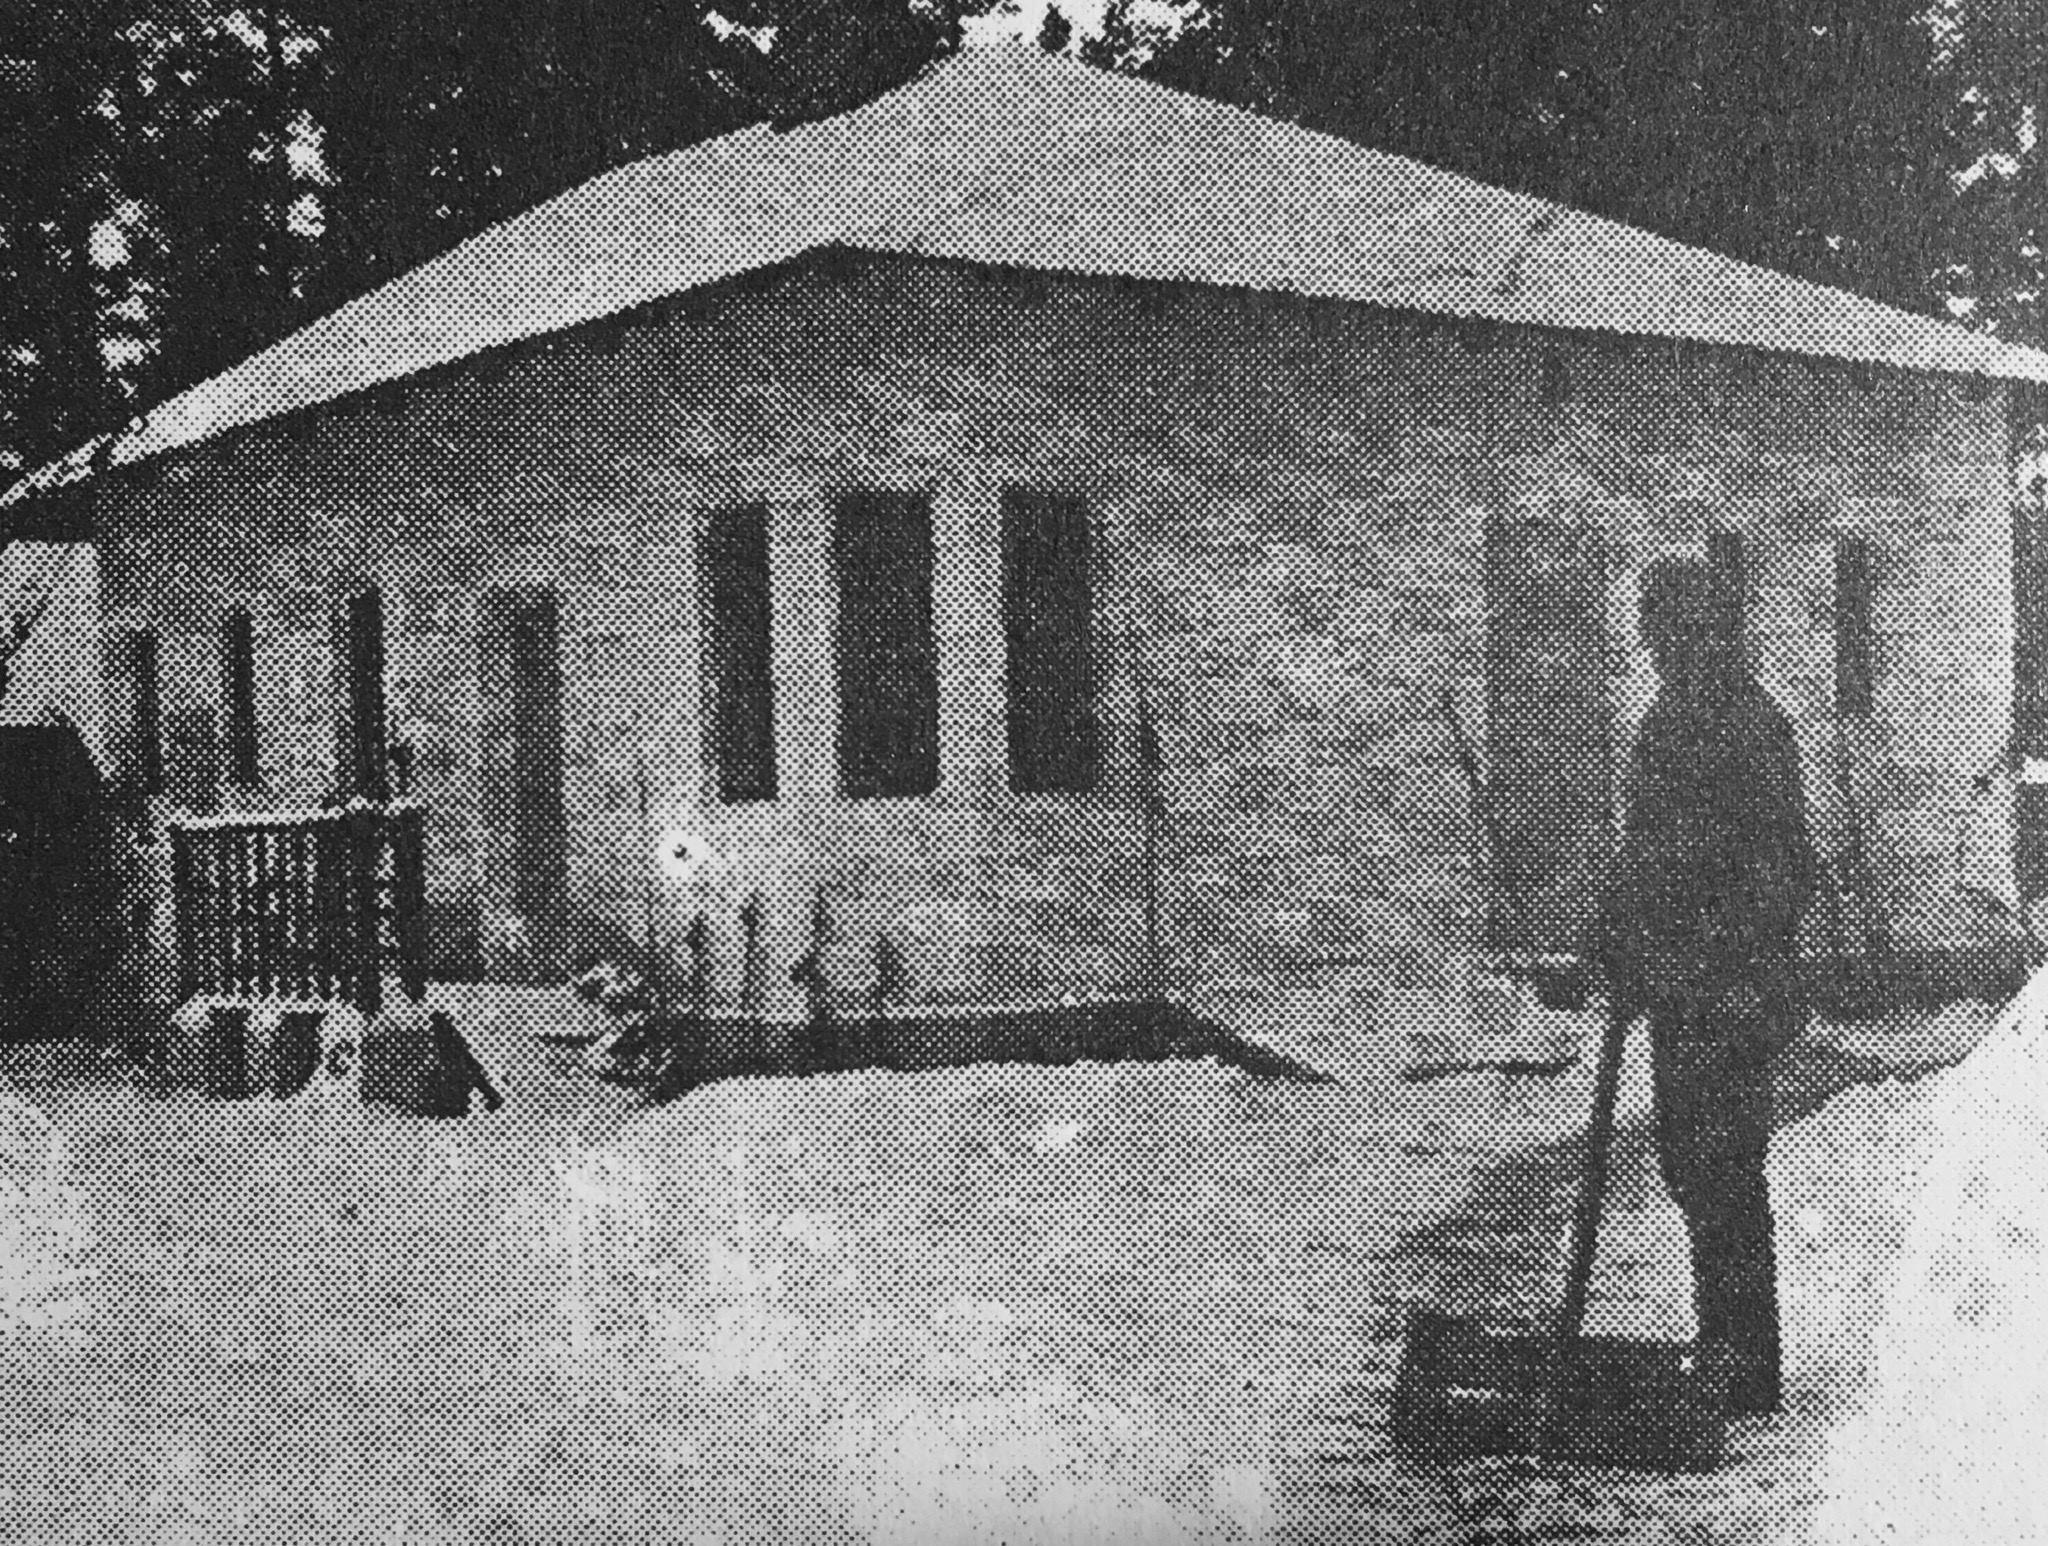 Ogrodnik Józef przed swoim domkiem na posesji willi Pallas Athene (lata 20-te XX wieku)